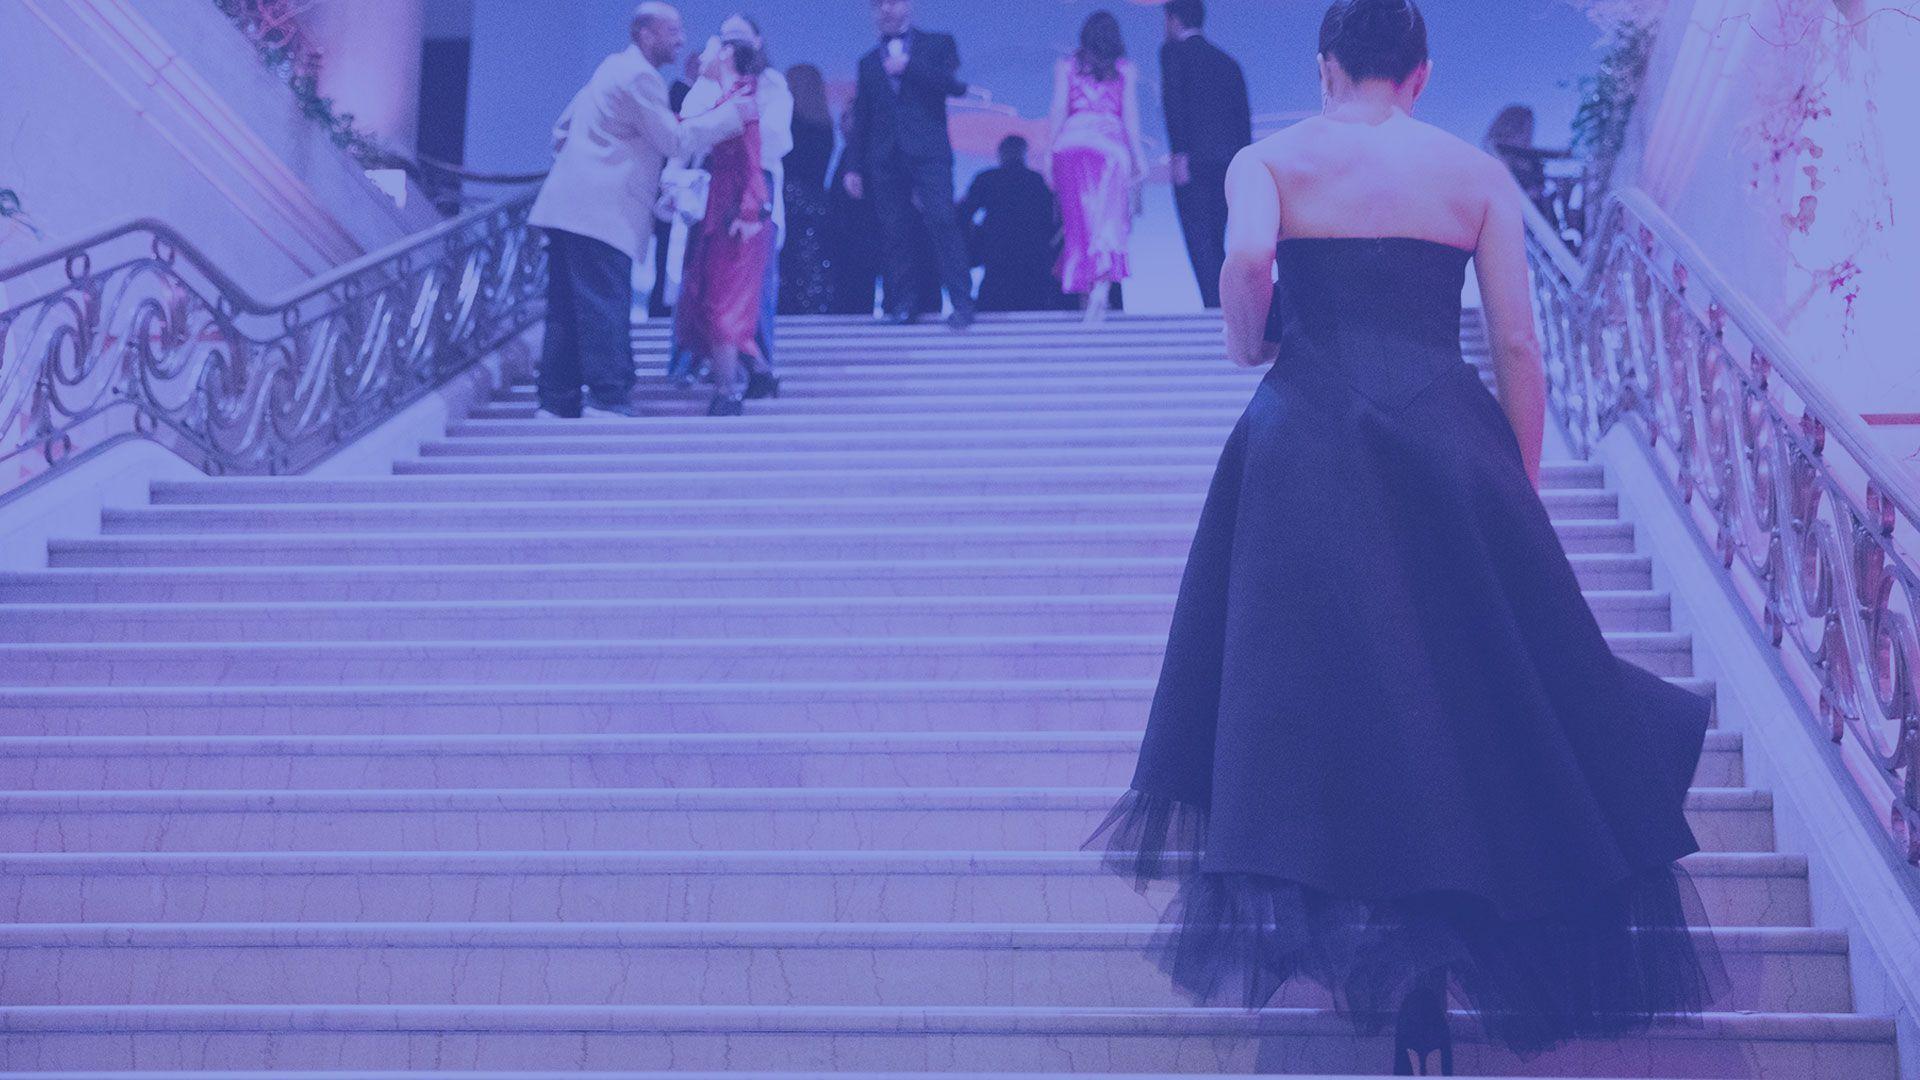 Une femme en robe de soirée monte les marches d'un escalier.